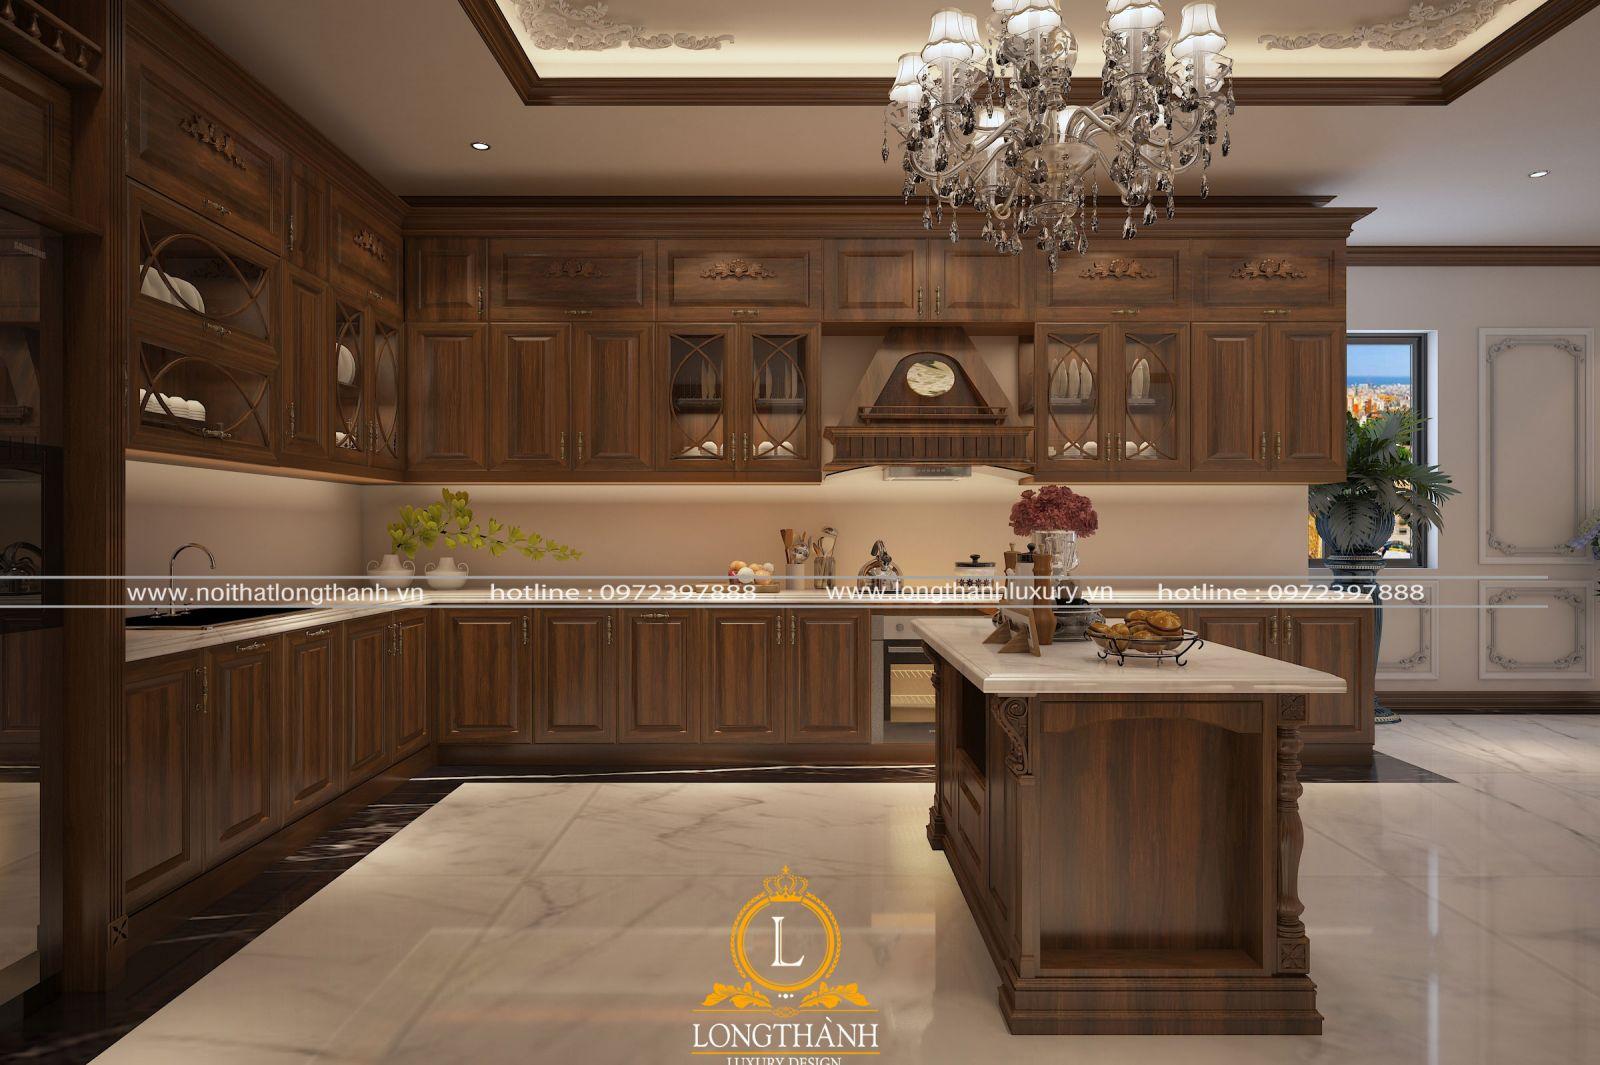 Bộ tủ bếp tân cổ điển màu nâu được thiết kế cho không gian bếp biệt thự có diện tích rộng